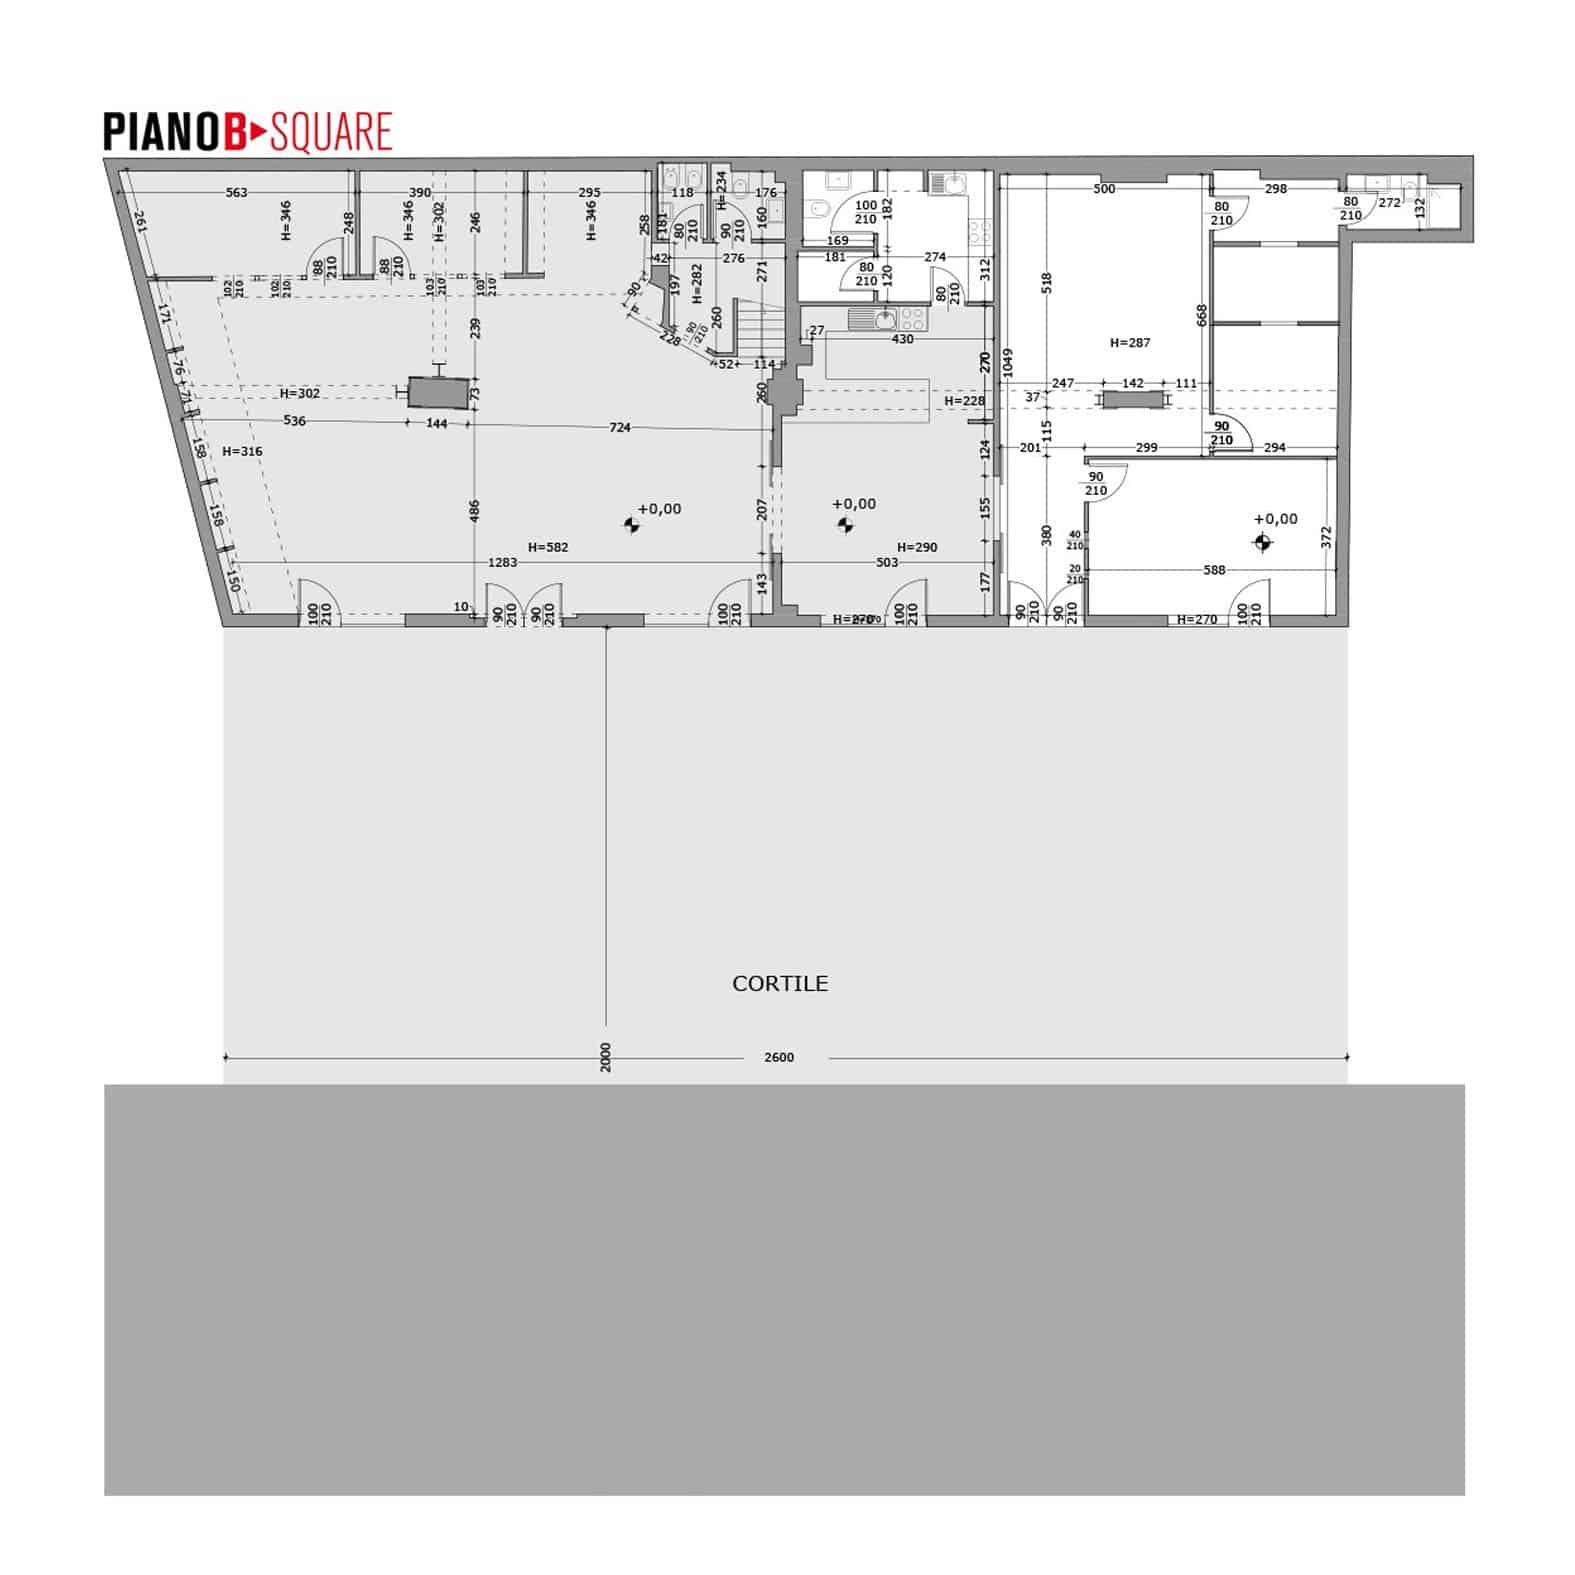 Planimetria Piano B